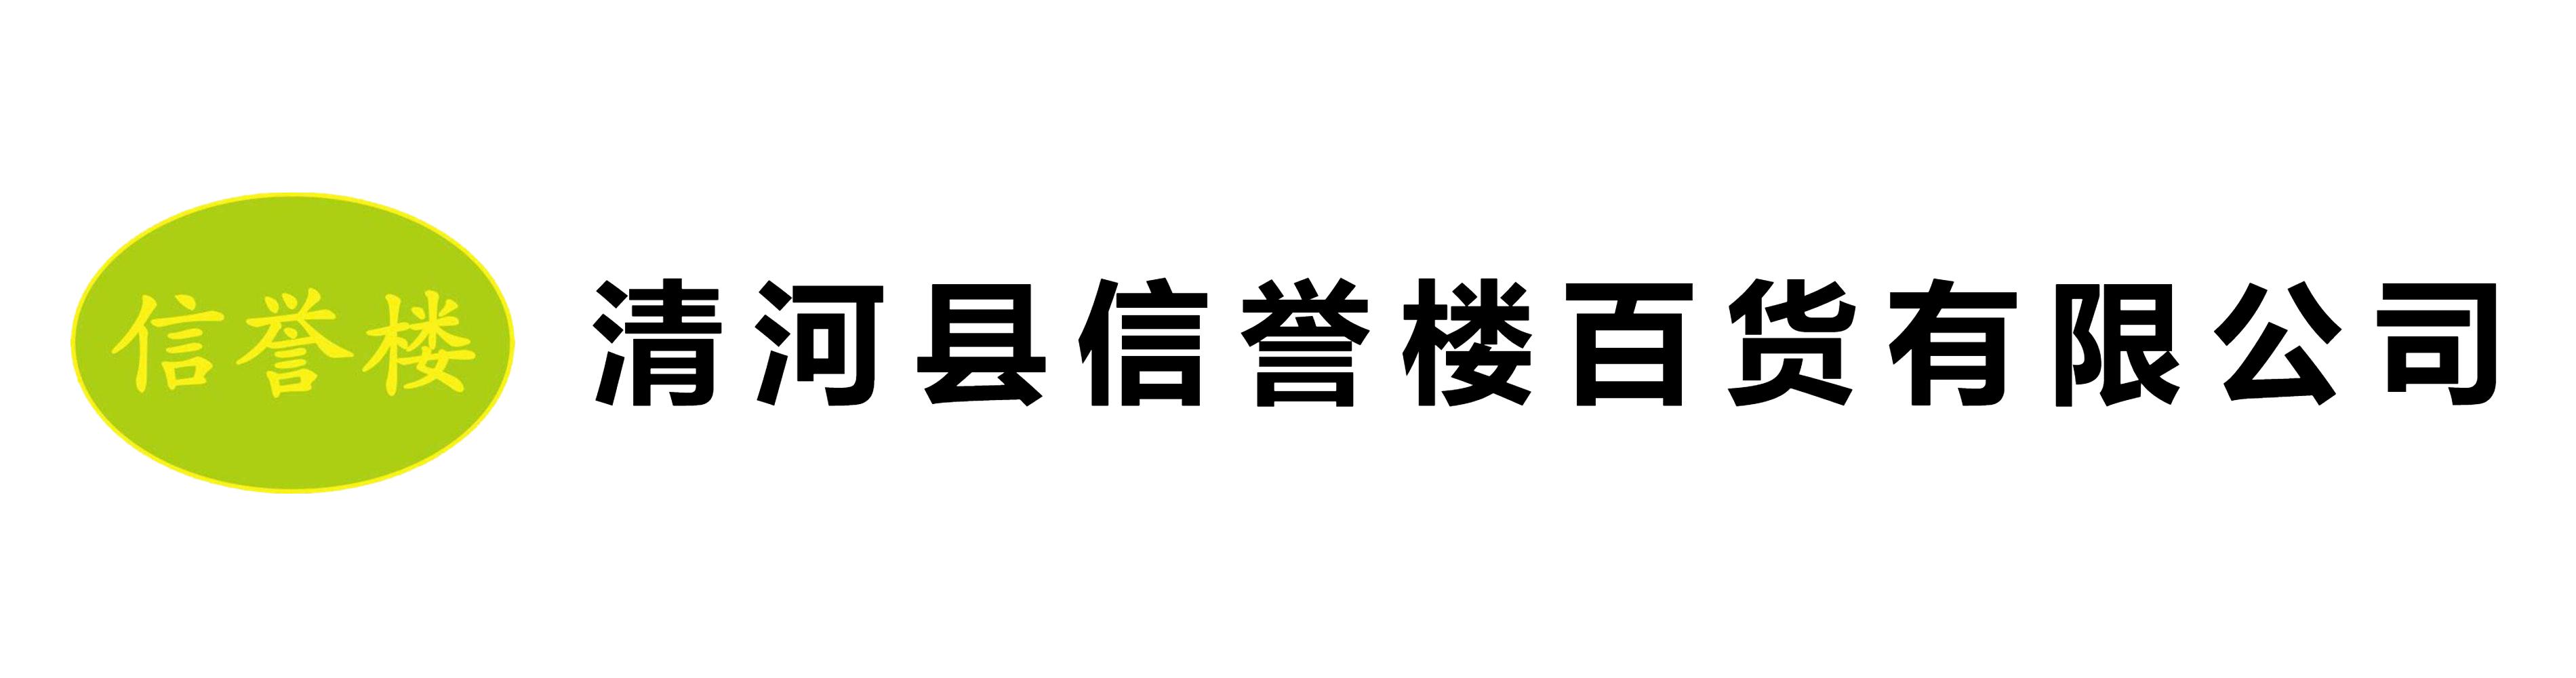 清河县信誉楼百货有限公司